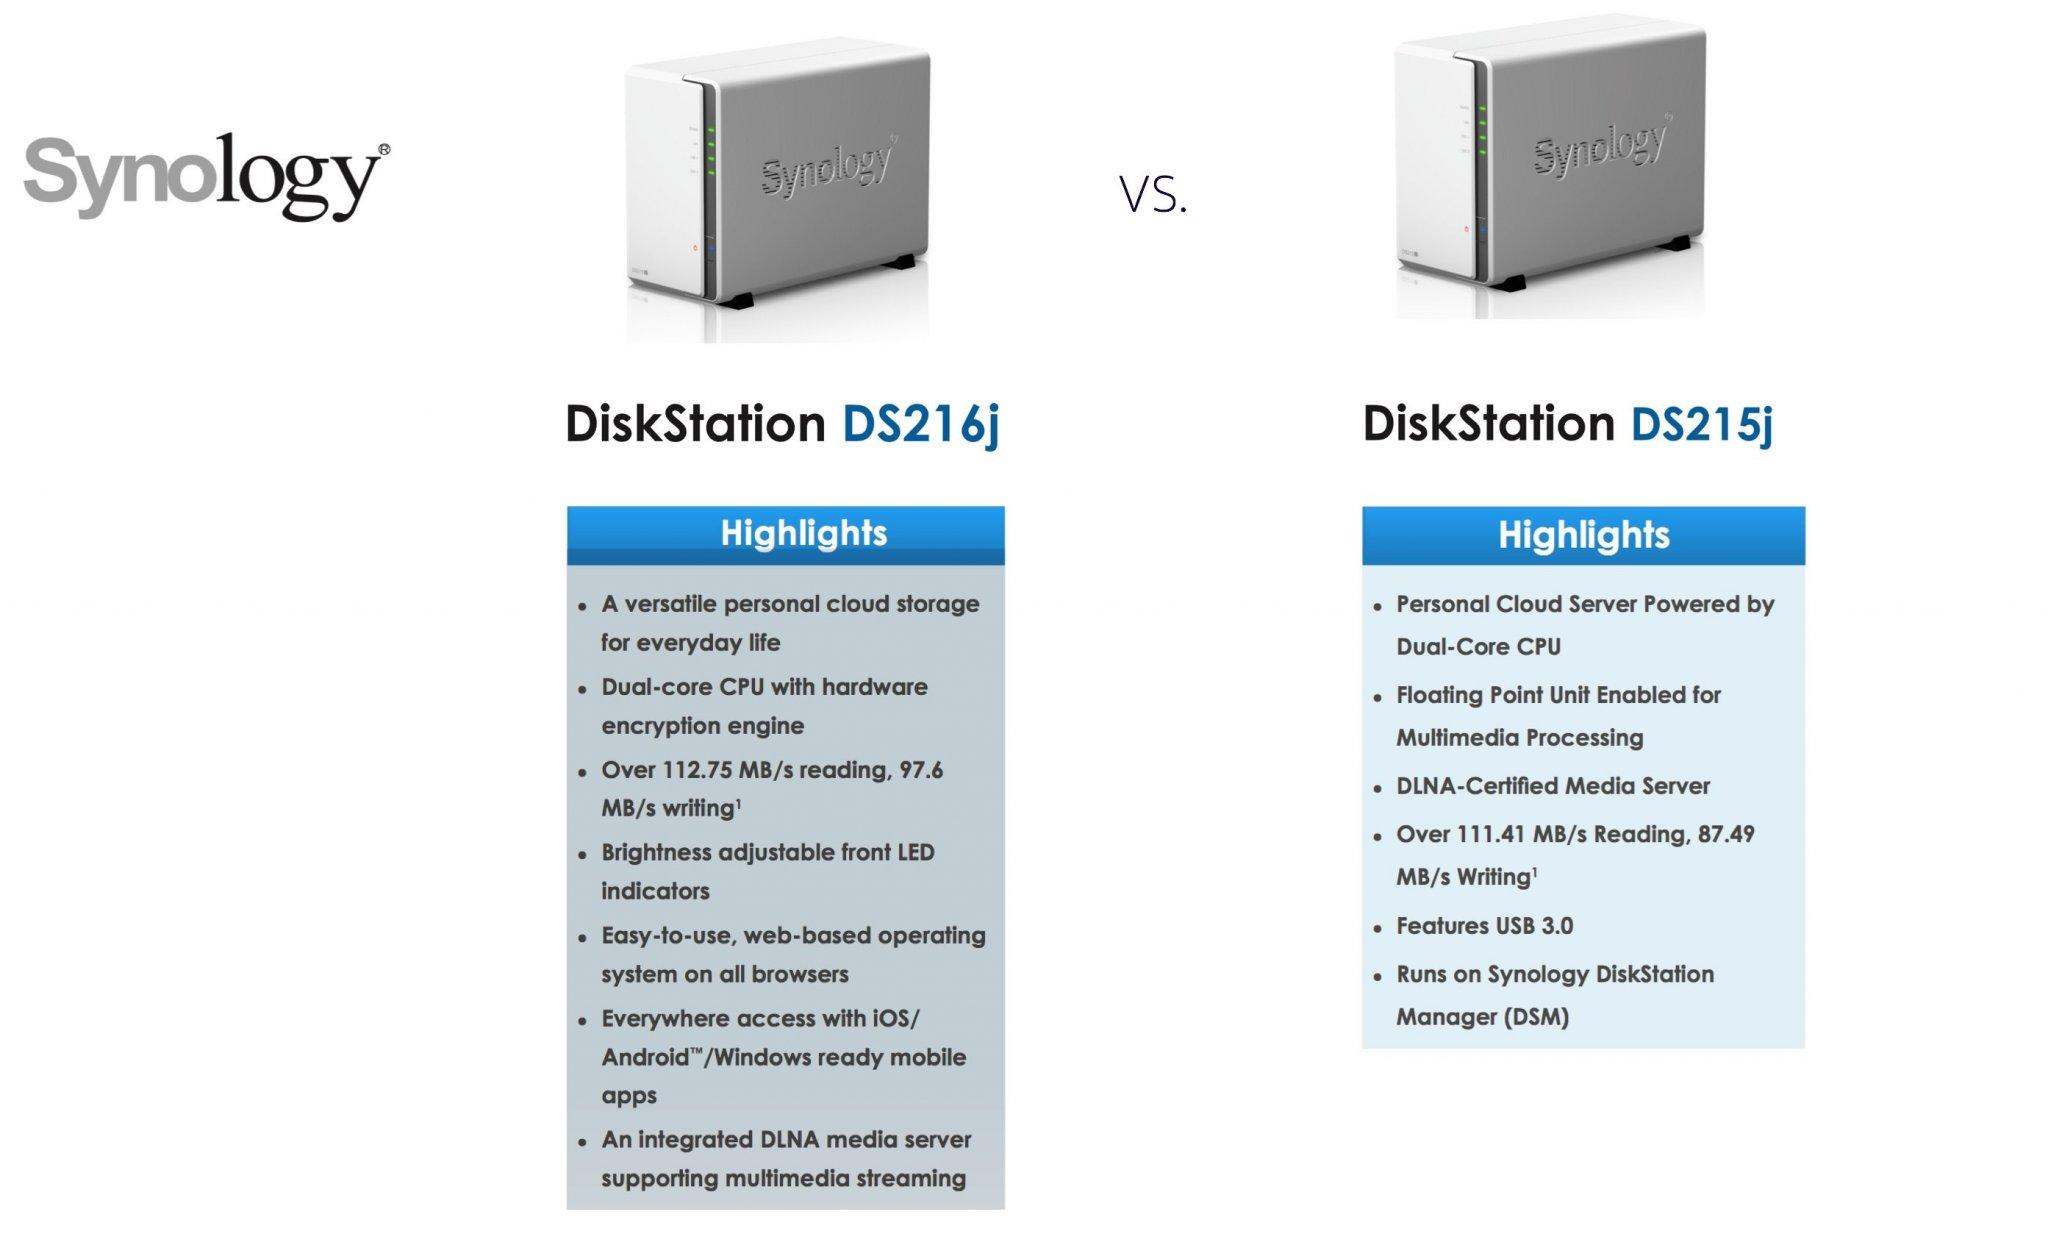 ds215j-vs-da216j-01